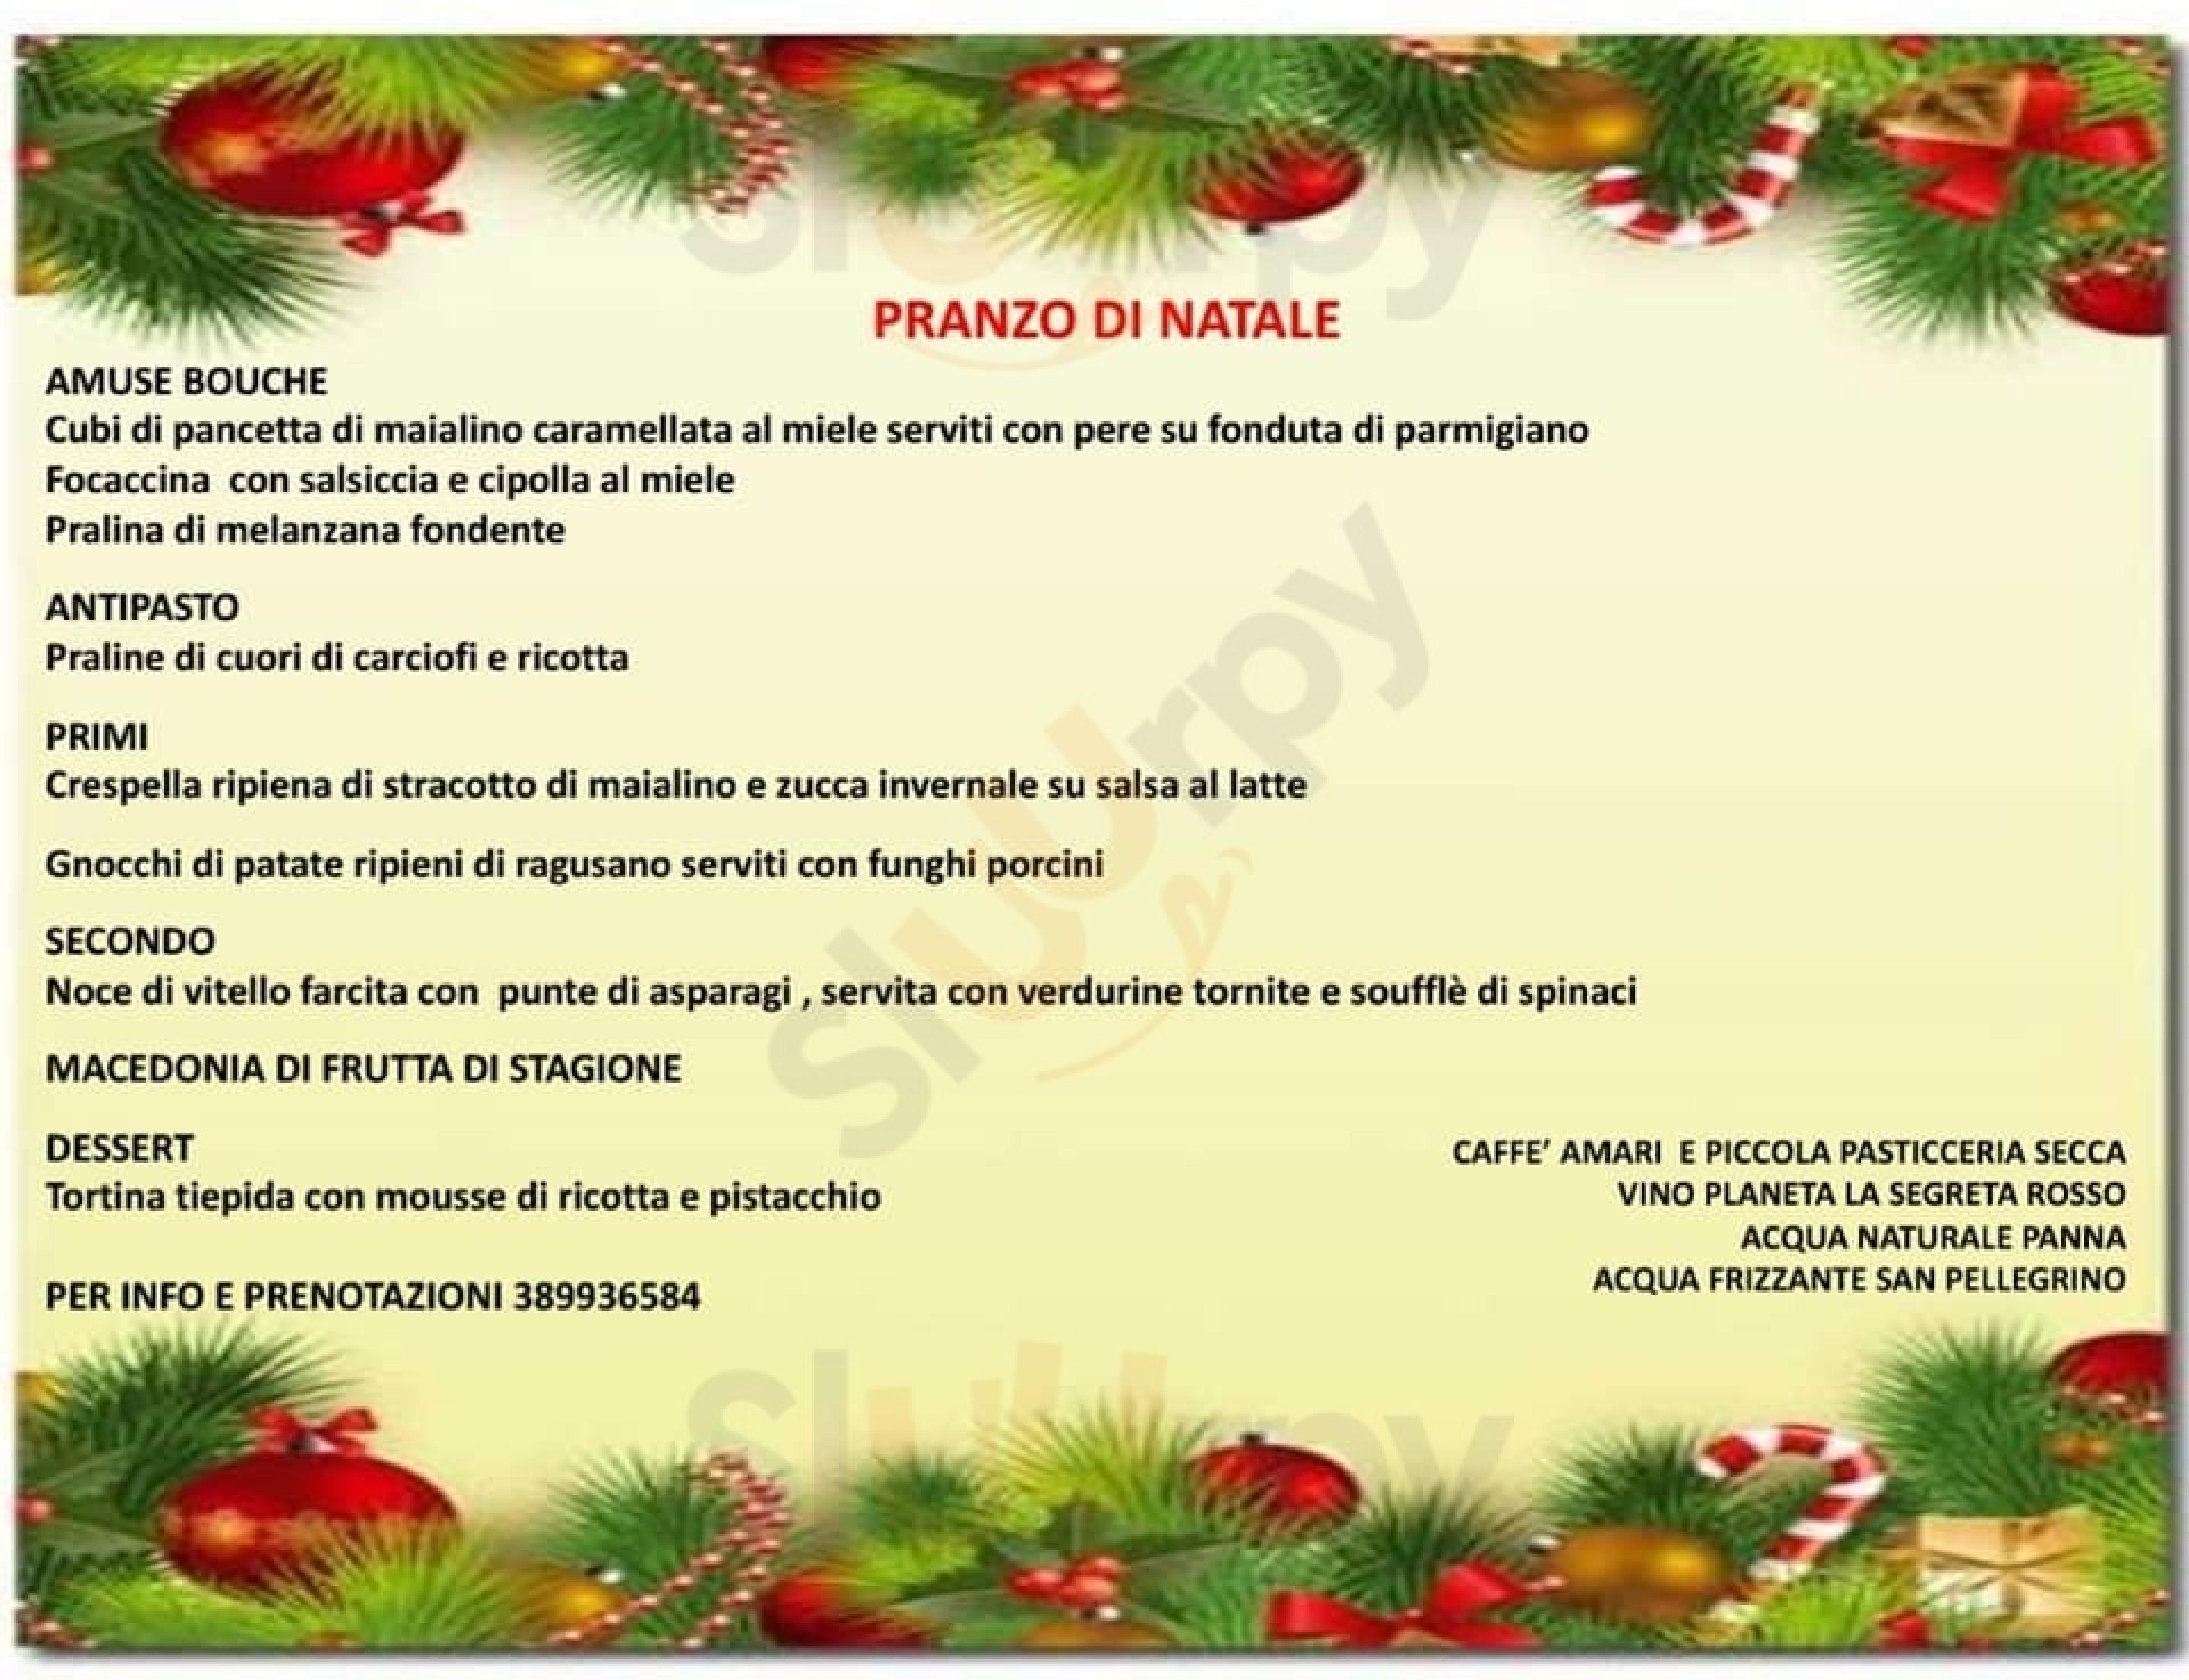 Lumie di Sicilia Restaurant Caltanissetta menù 1 pagina